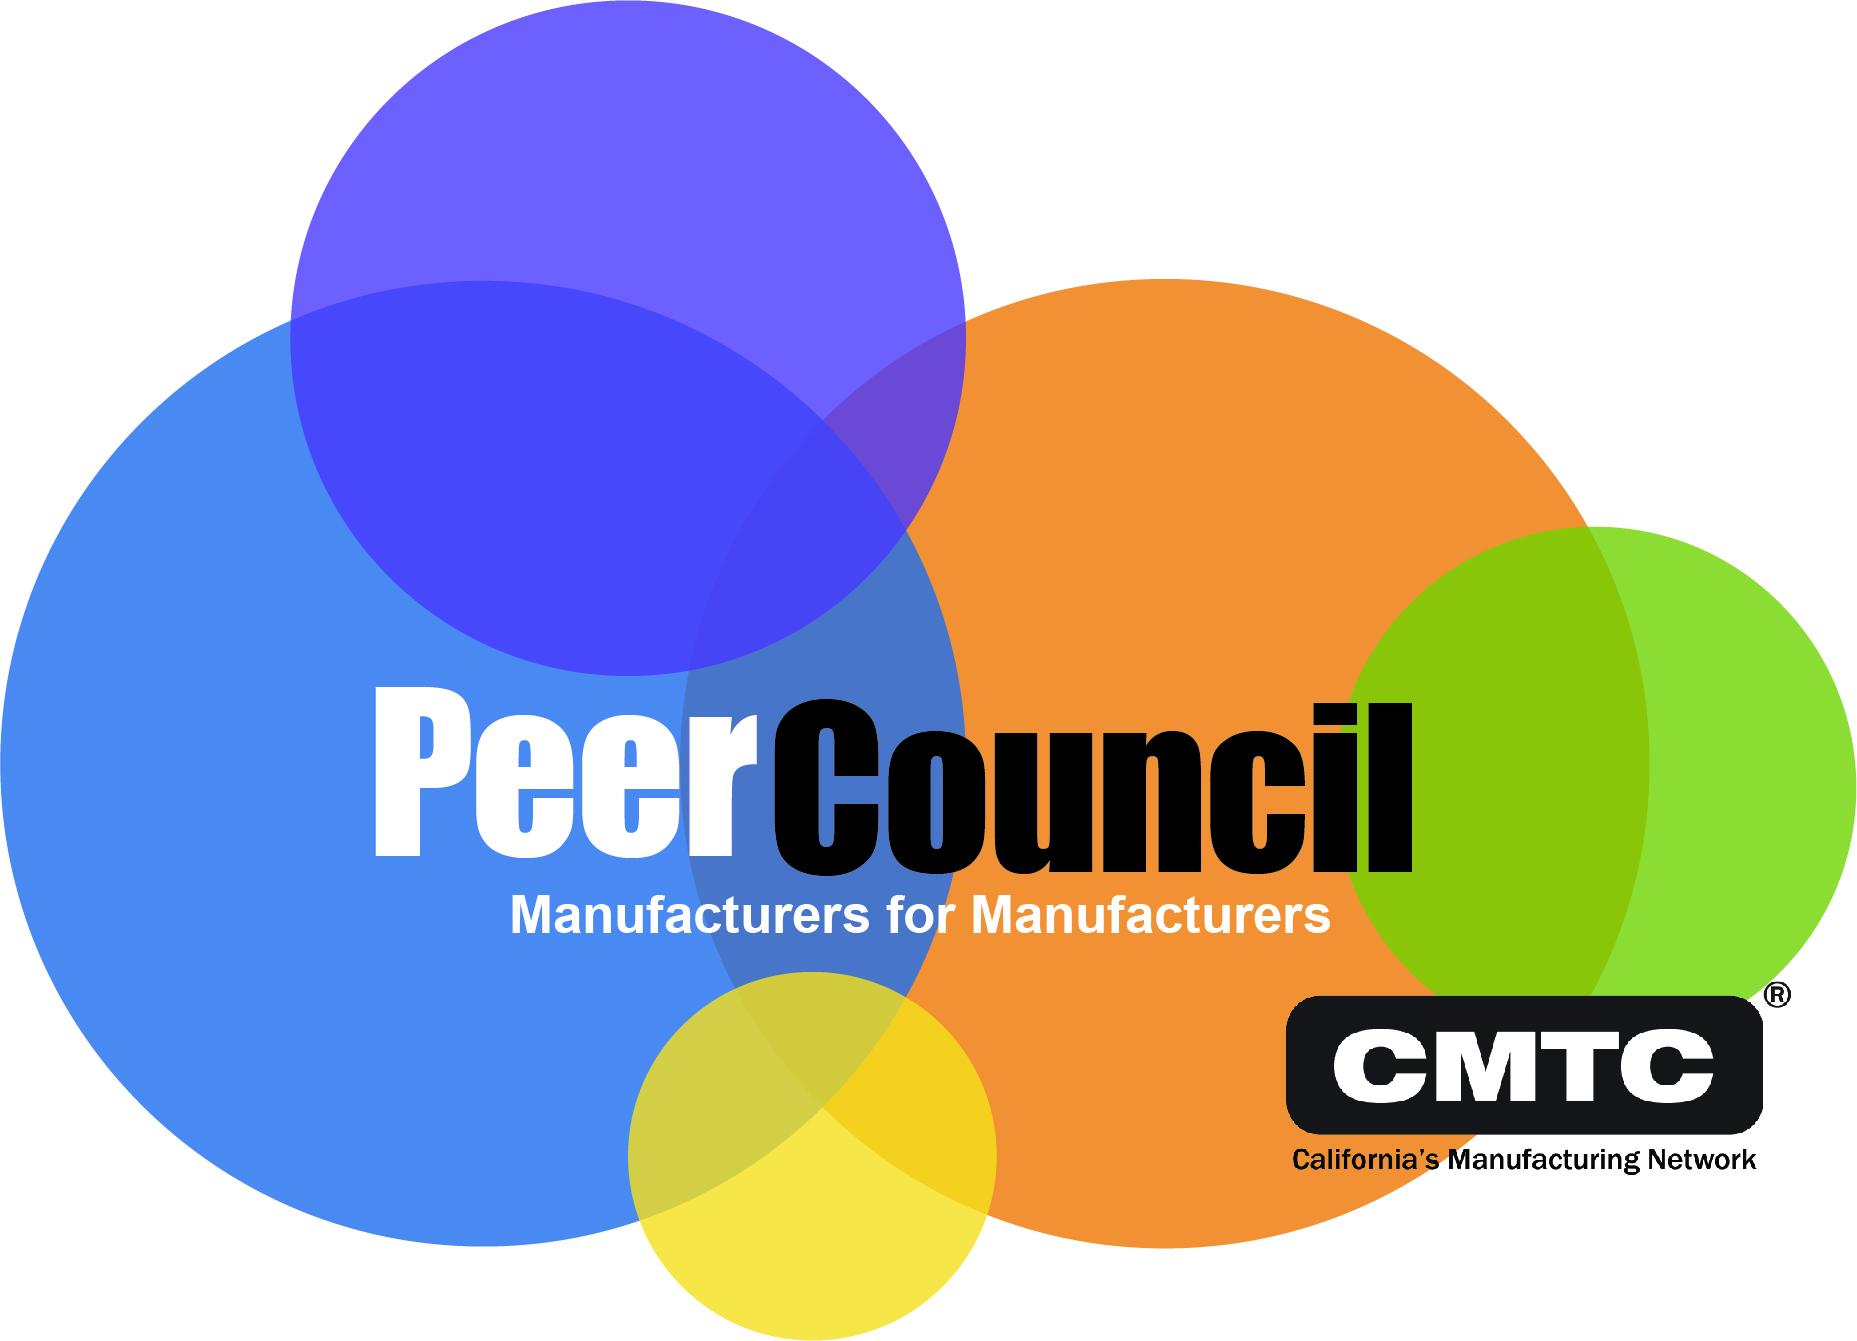 CMTC_Peercouncil_logo7_CMYK_3-15-18.jpg